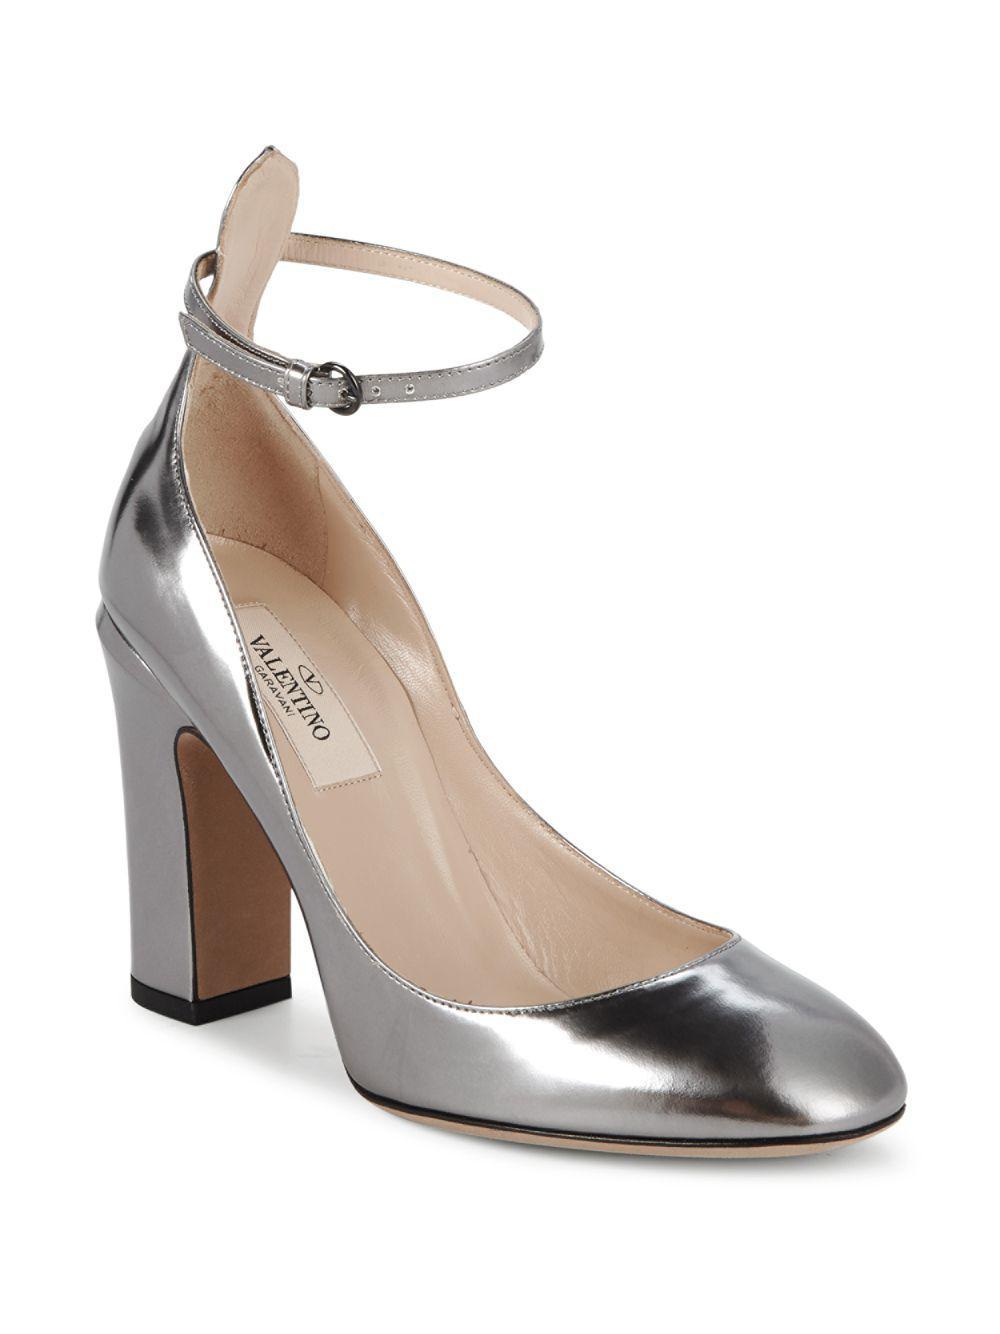 Valentino Tango Block Heel Leather